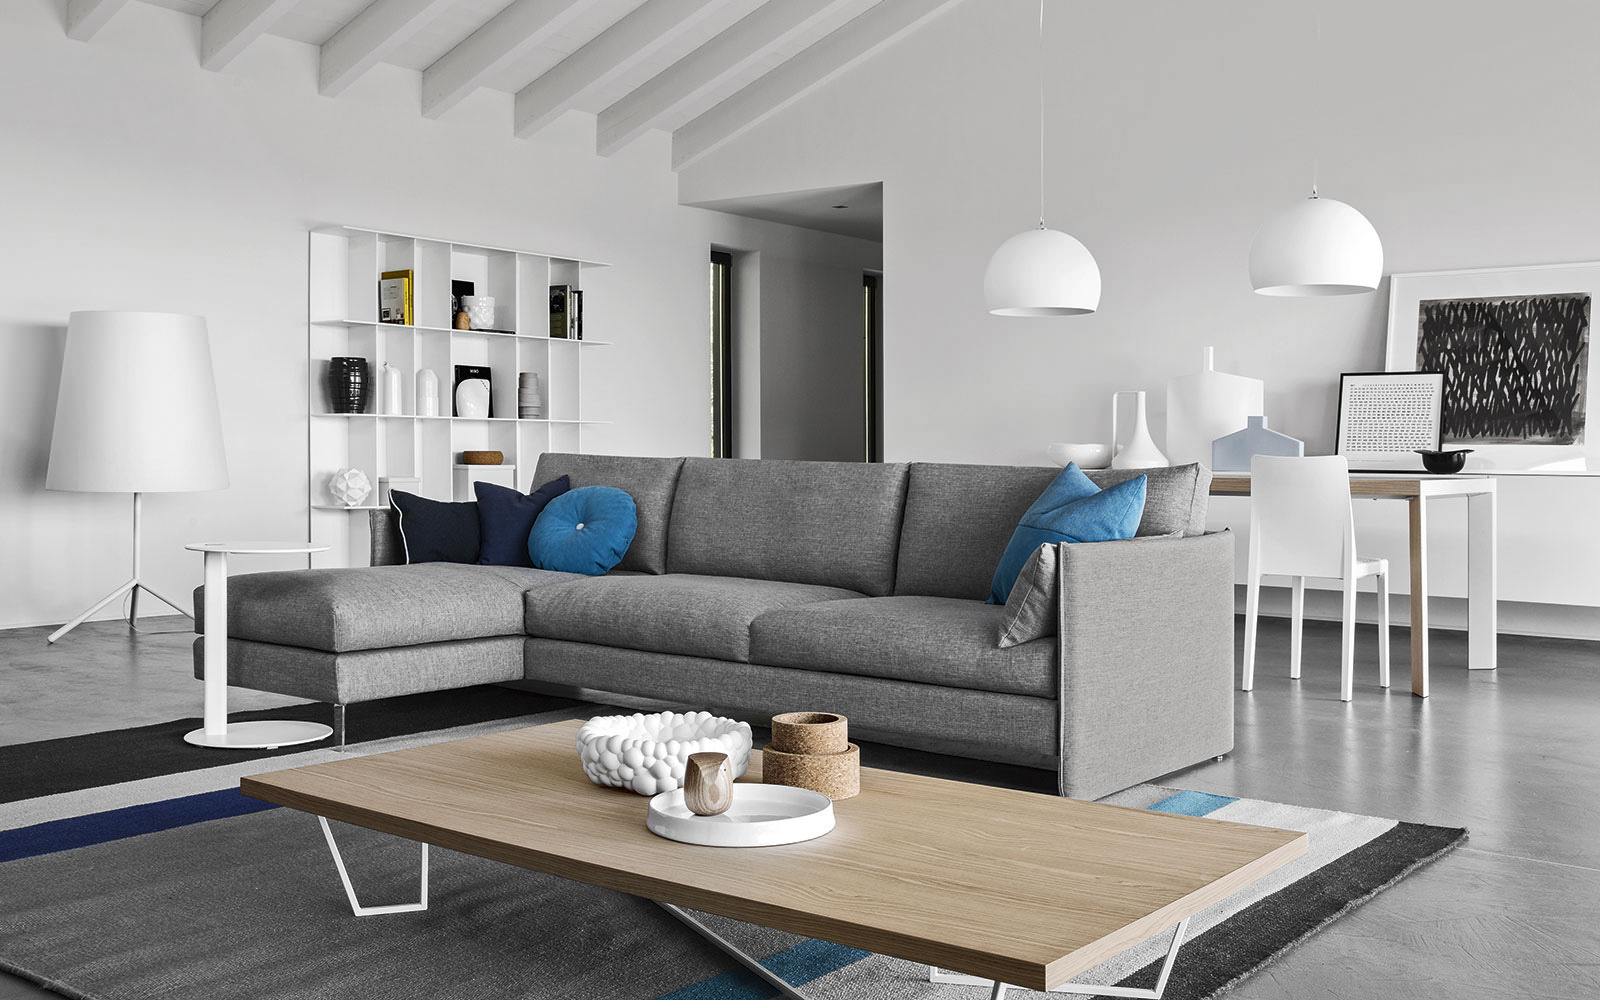 Серая, белая и коричневая мебель в стиле минимализм в гостиной